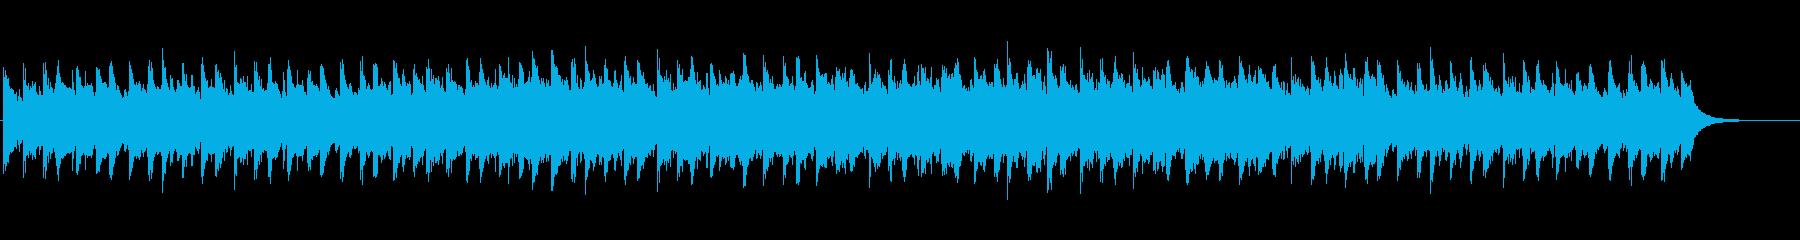 未来に向けたピアノストリングス ループ可の再生済みの波形